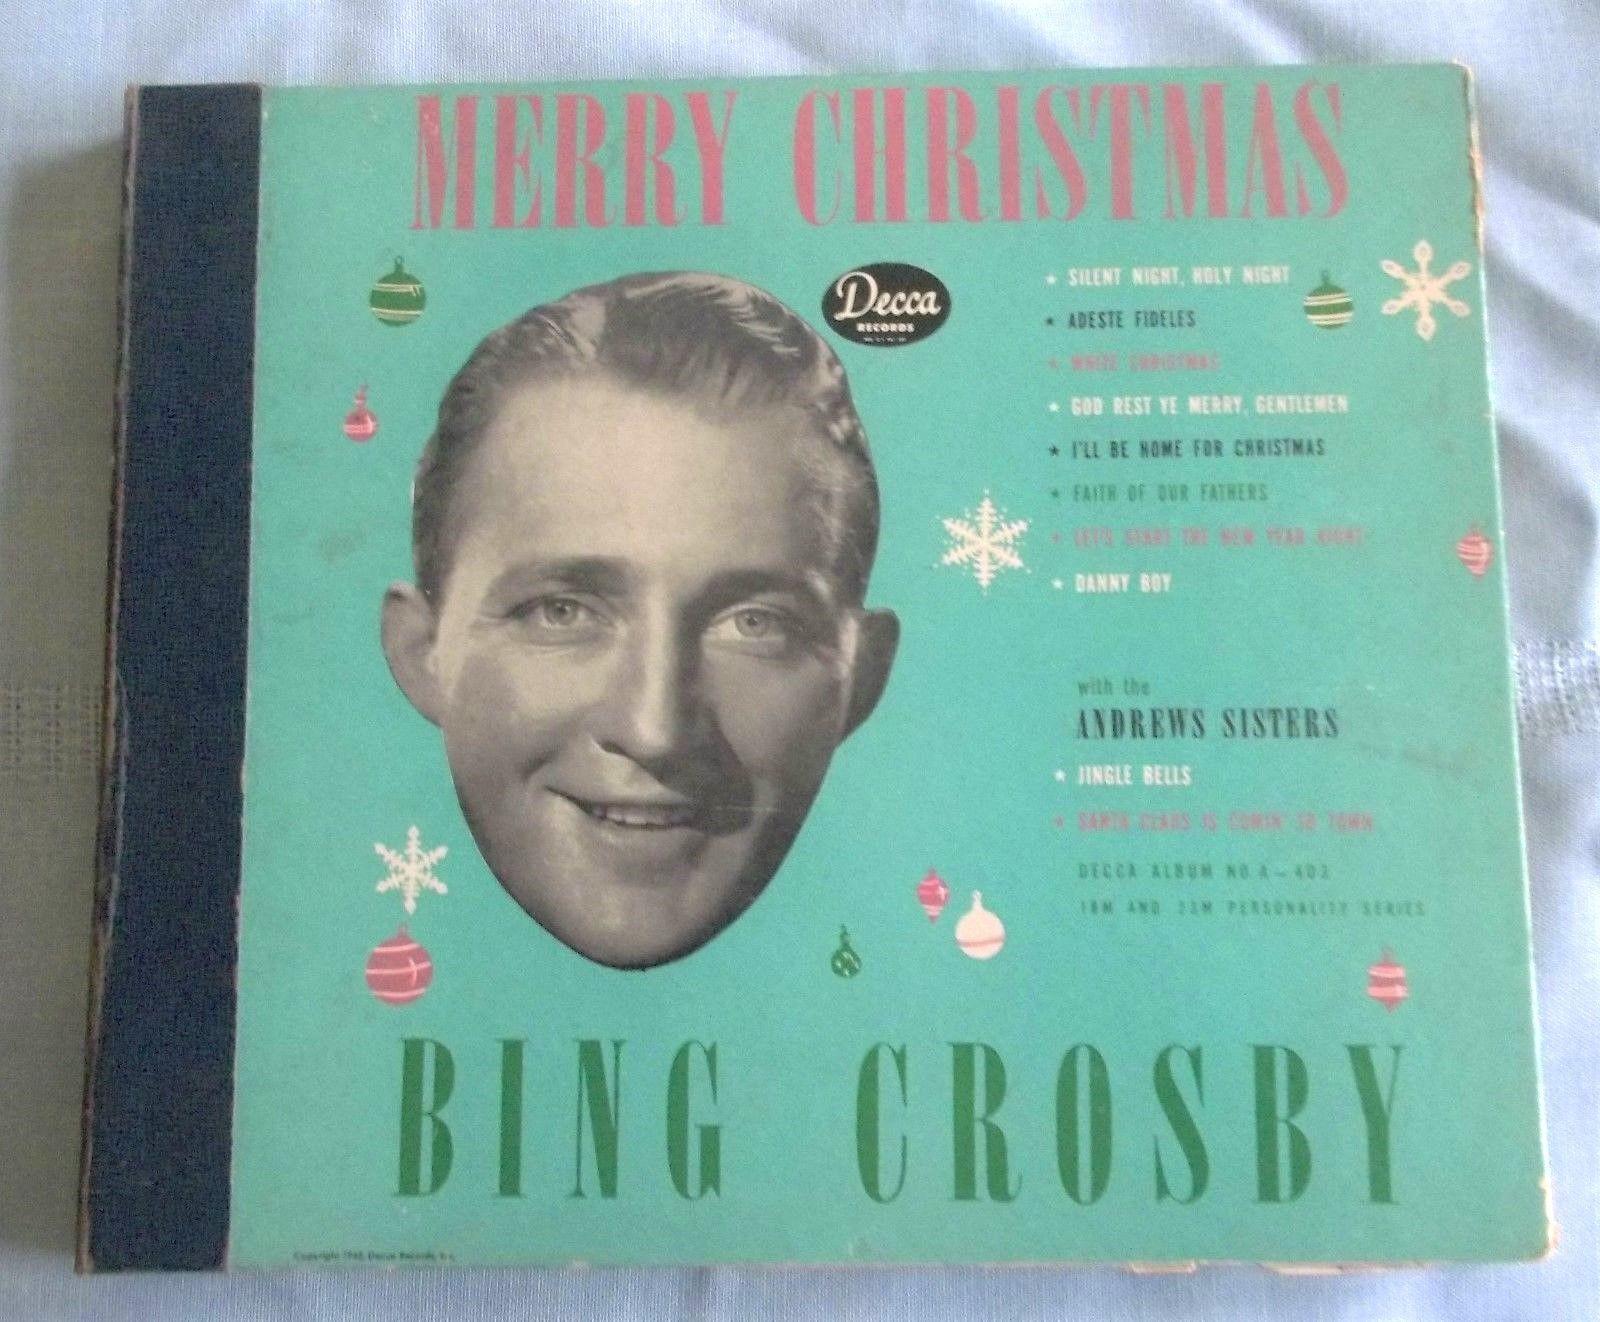 popsike.com - Decca Records 78 rpm BING CROSBY Merry Christmas Album Set Incl. White Christmas ...